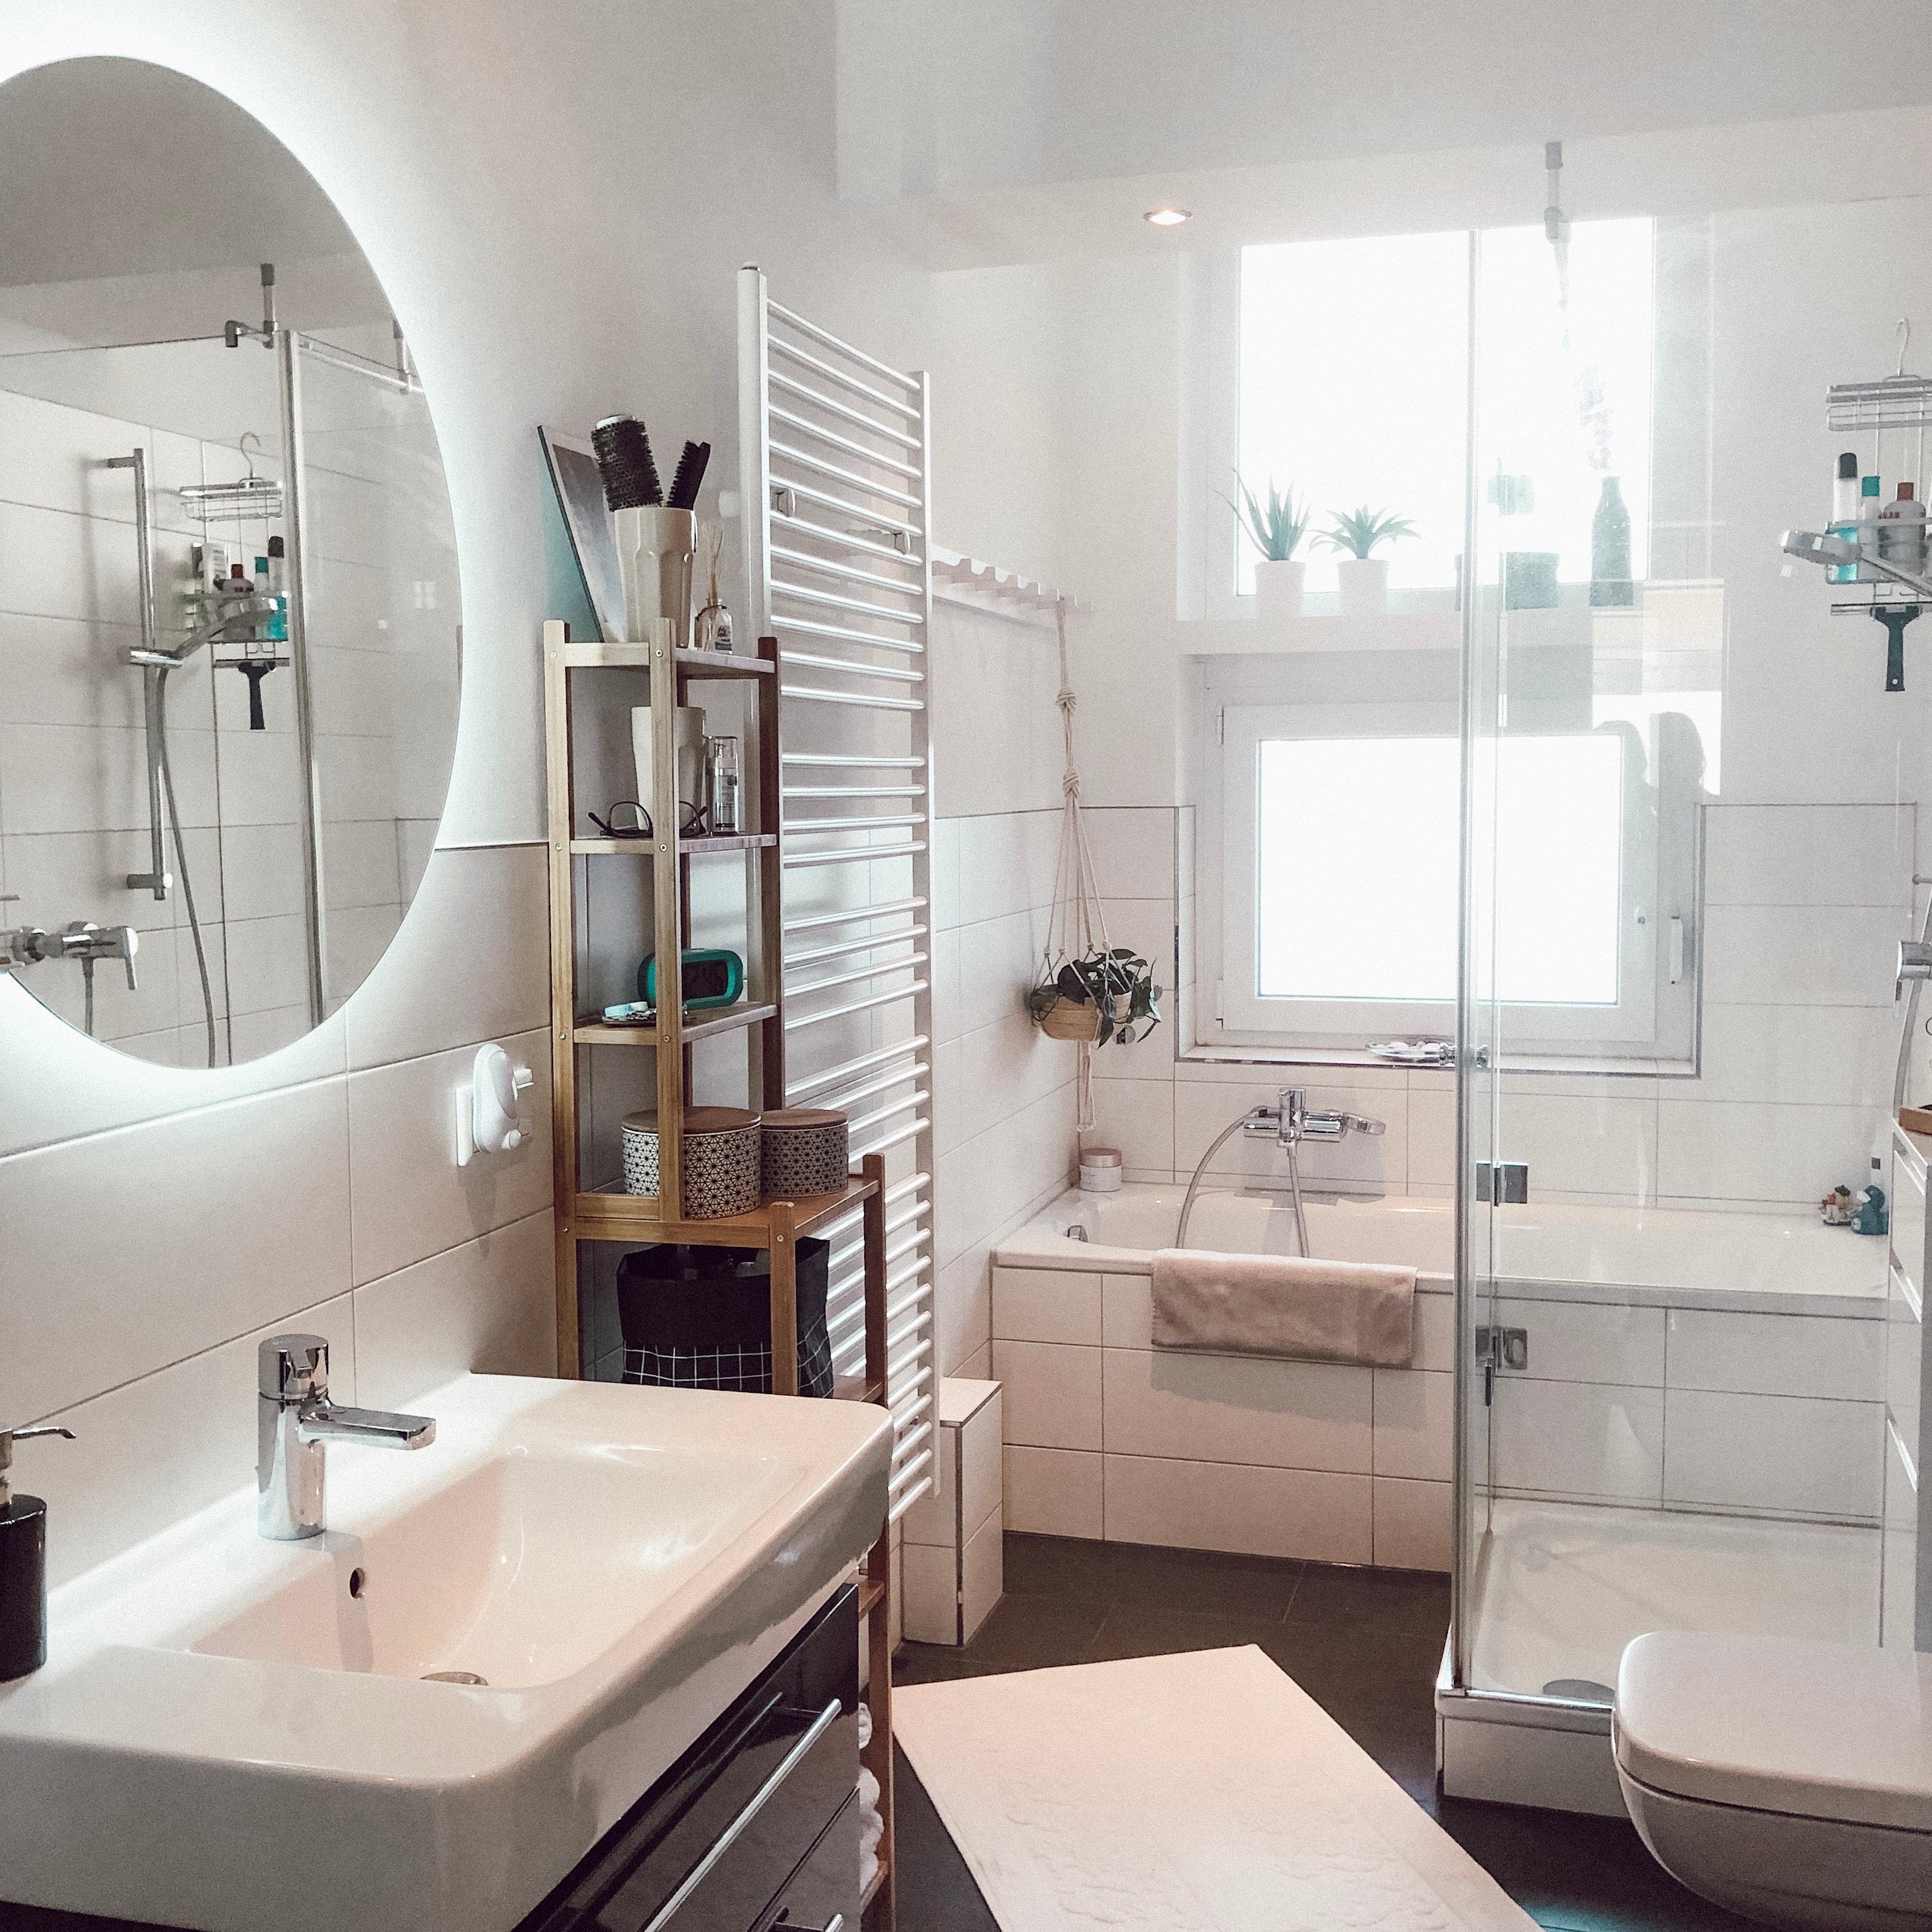 Badezimmer Ideen: Badezimmer: Egal Welche Größe, So Machst Du Es Schön